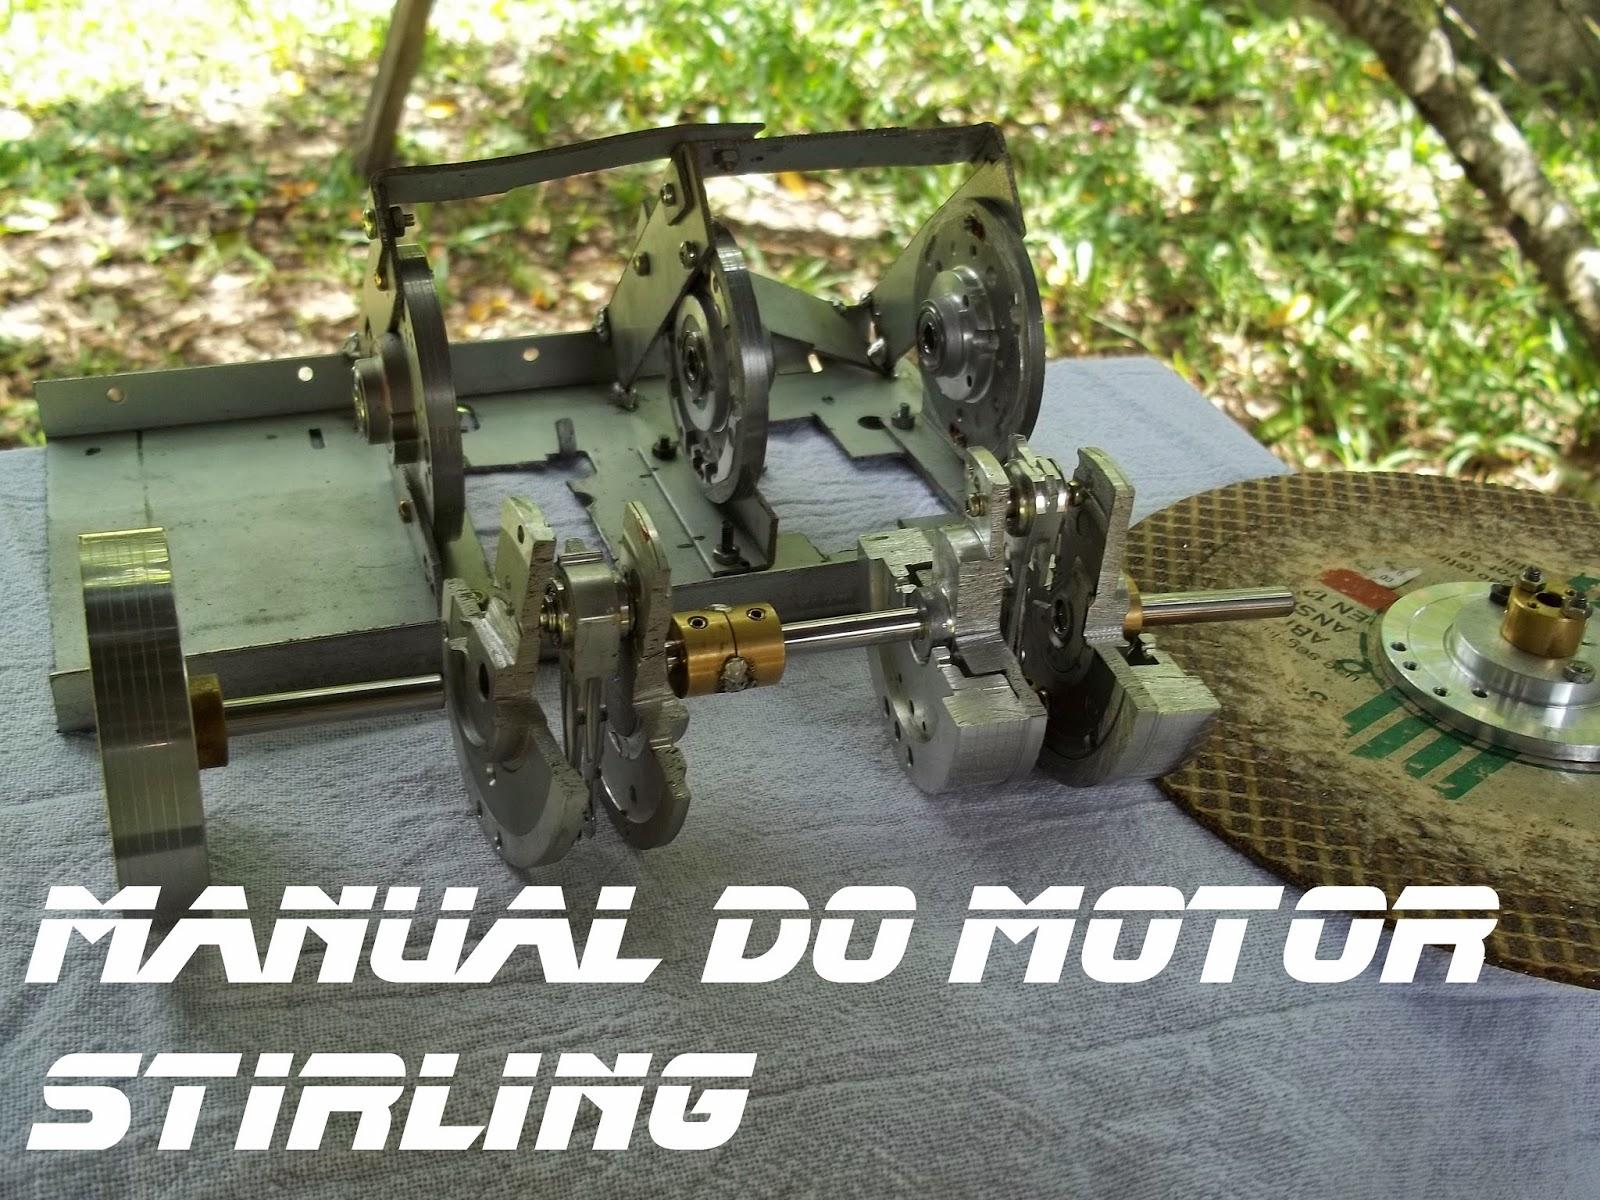 Pré disposição de todas as peças para a montagem do virabrequim, Manual do motor Stirling